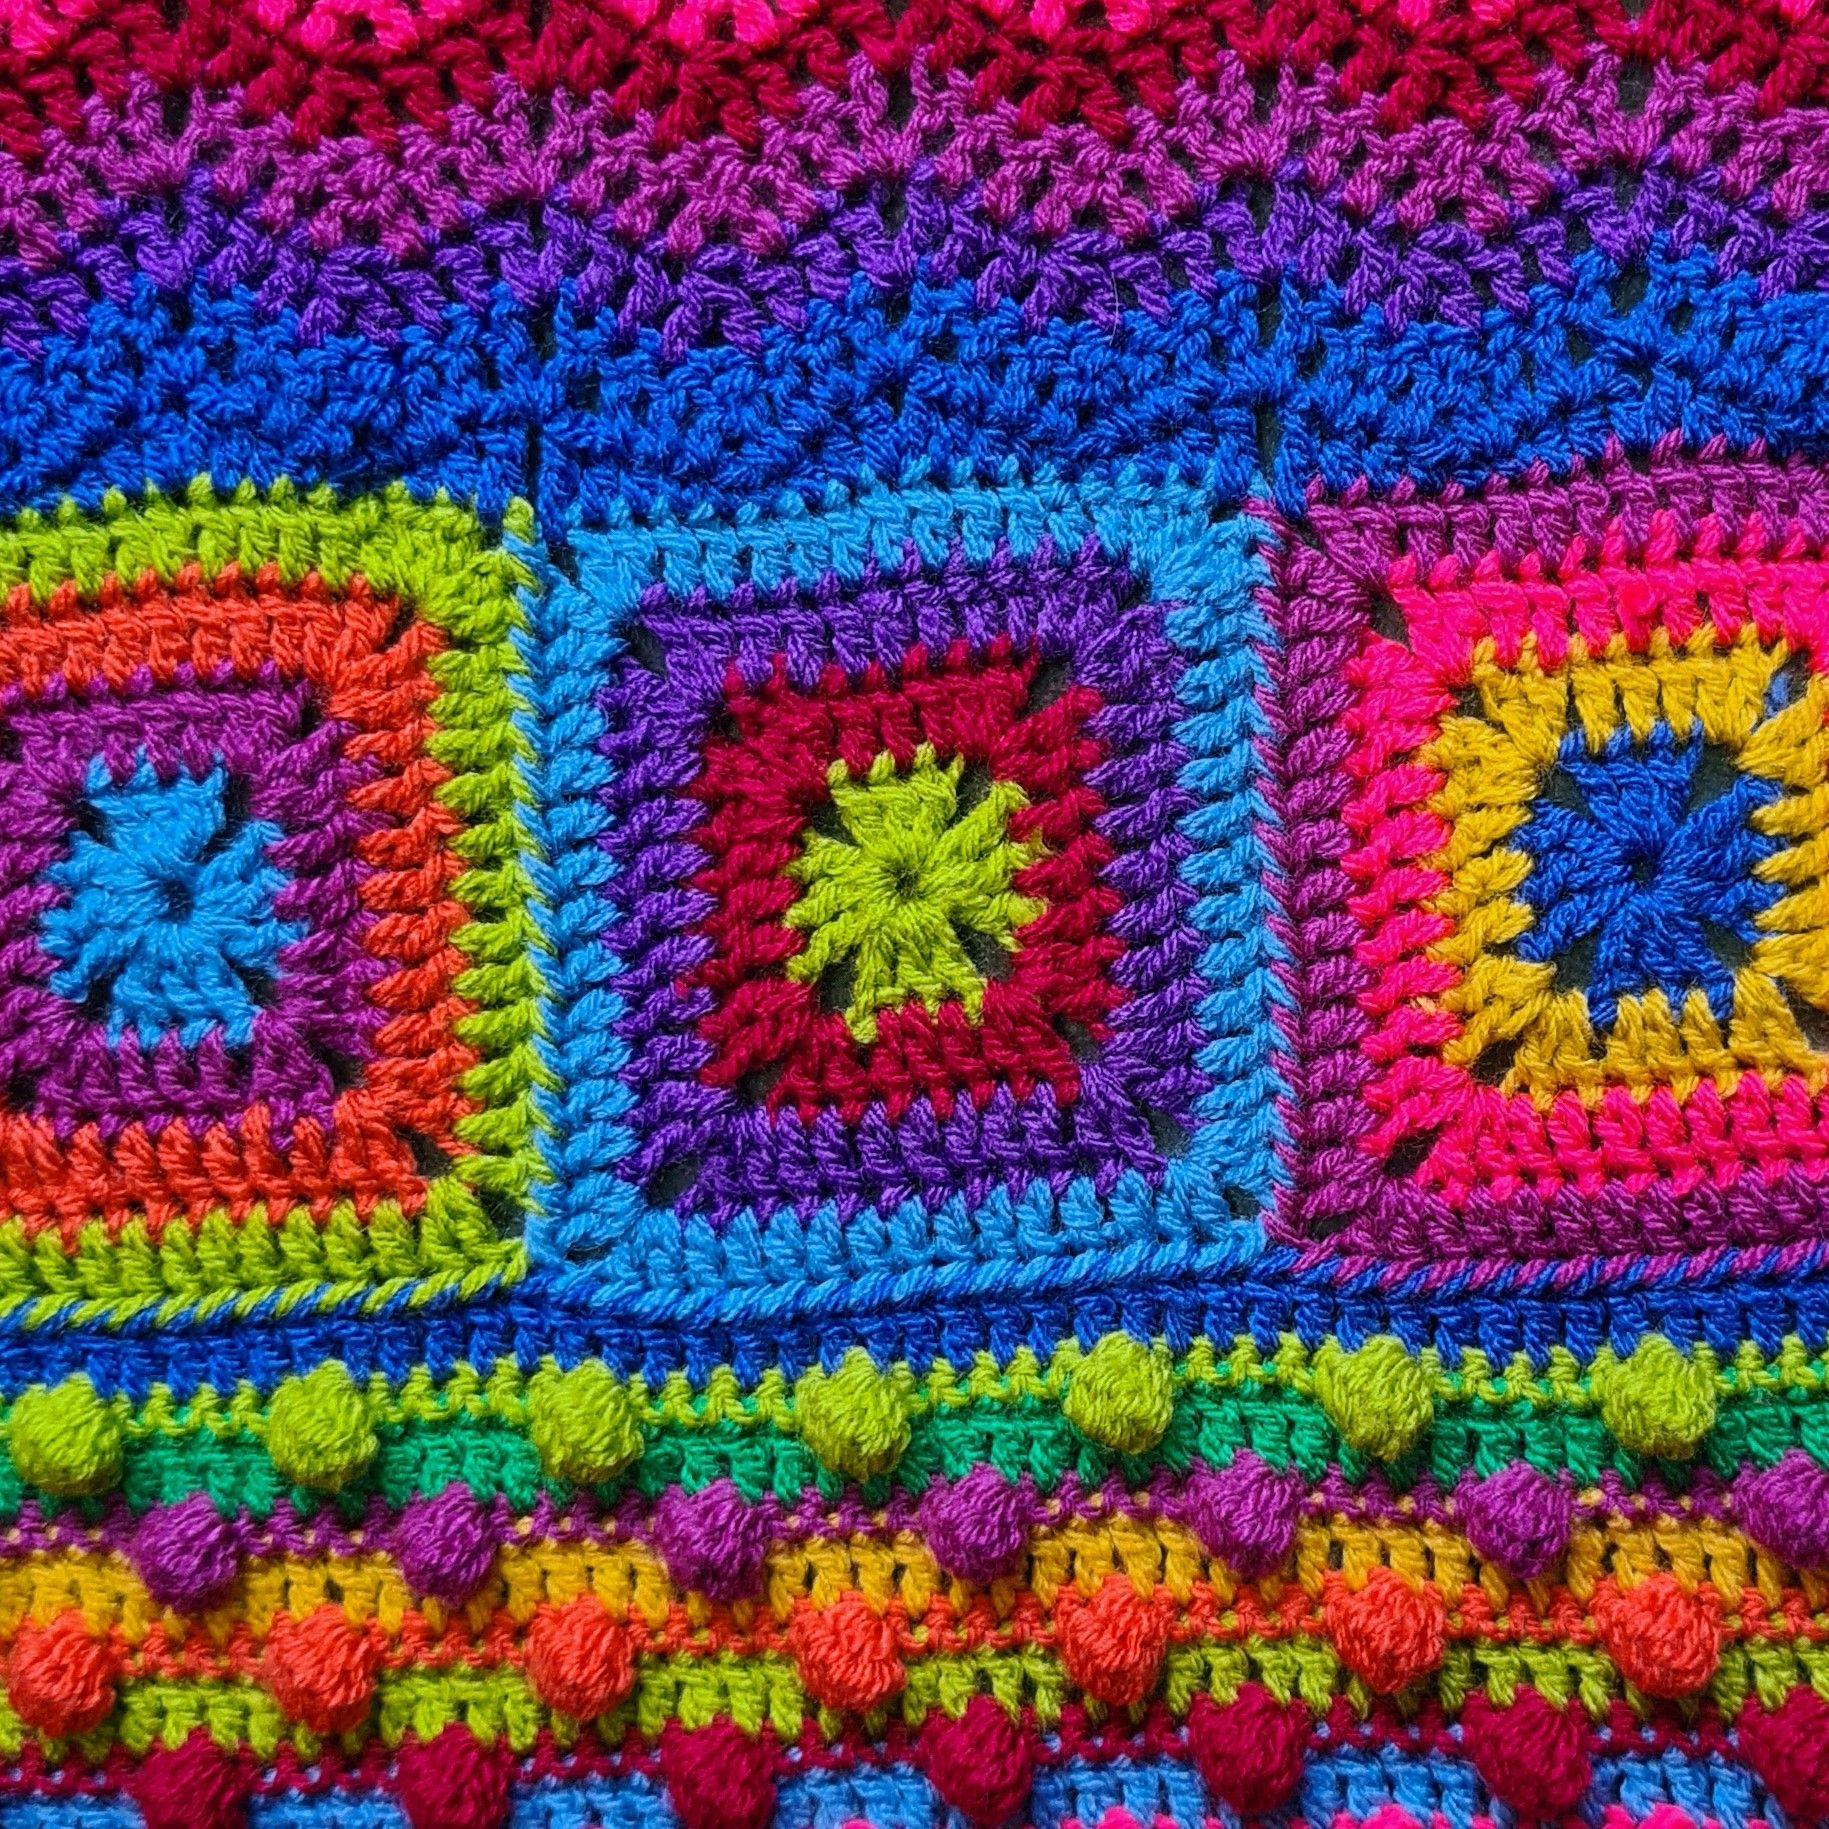 Diana Bensted - Crochet masterclass 4 Bobbles - 5 Babbette - 6 ripple